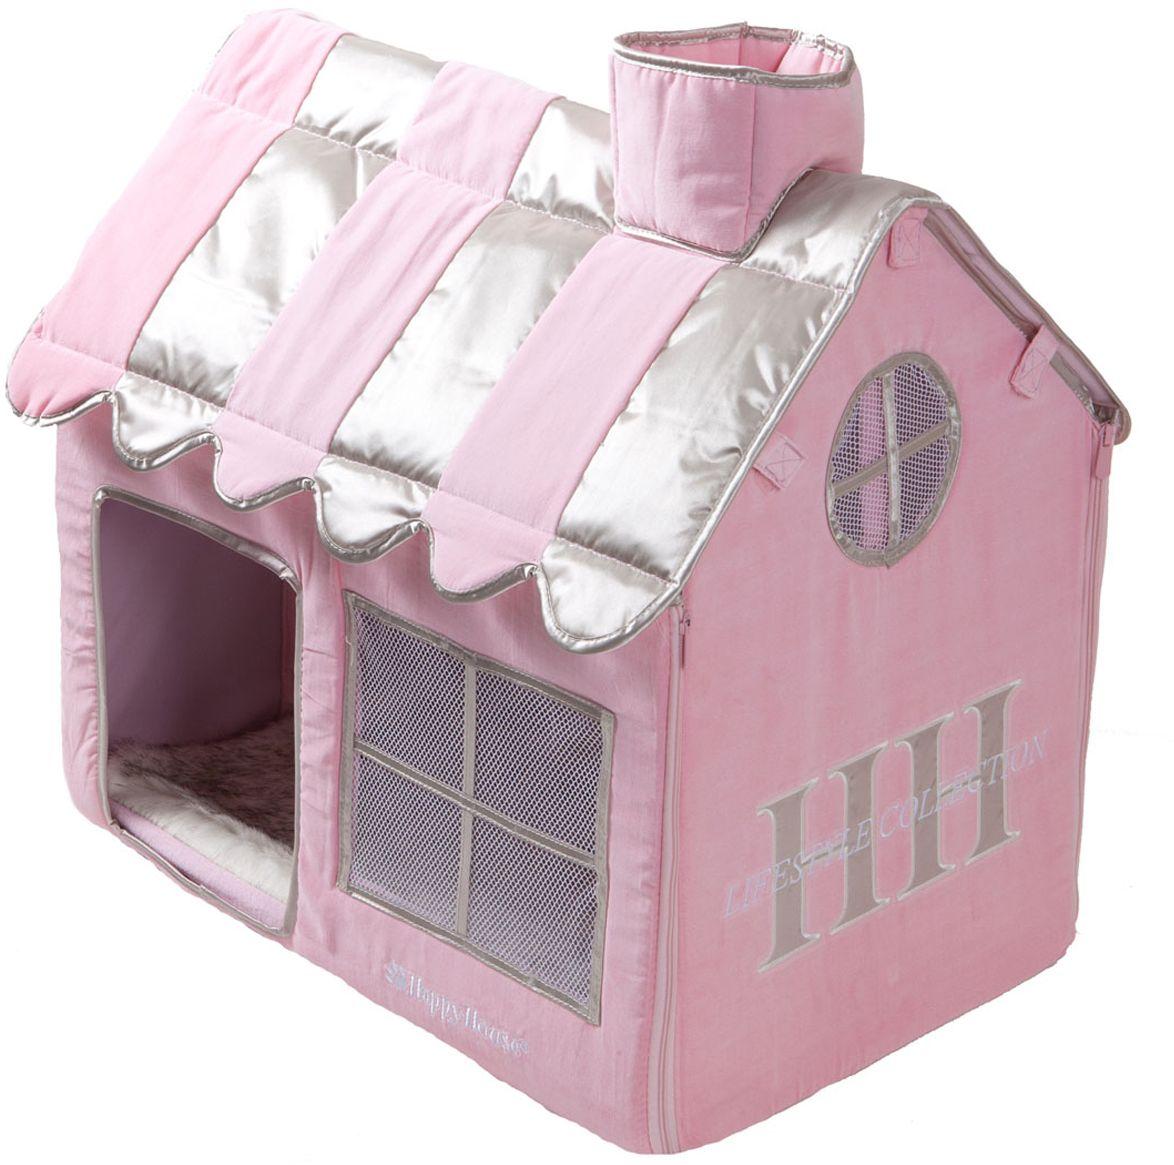 Домик для кошек Happy House Cat Lifestyle, цвет: розовый, 62 х 42 х 59 см0120710Домик Happy House Cat Lifestyle непременно станет любимым местом отдыха вашего домашнего любимца. Изделие выполнено из картона и обтянуто бархатной тканью с атласными вставками. Внутри имеется мягкая съемная подстилка из искусственного меха. Крыша домика крепится при помощи липучек и полностью снимается, а каркас соединяется застежкой-молнией. В таком домике вашему питомцу будет мягко и тепло. Он подарит ему ощущение уюта и уединенности, а также возможность спрятаться. Очень удобен для транспортировки и легко складывается.